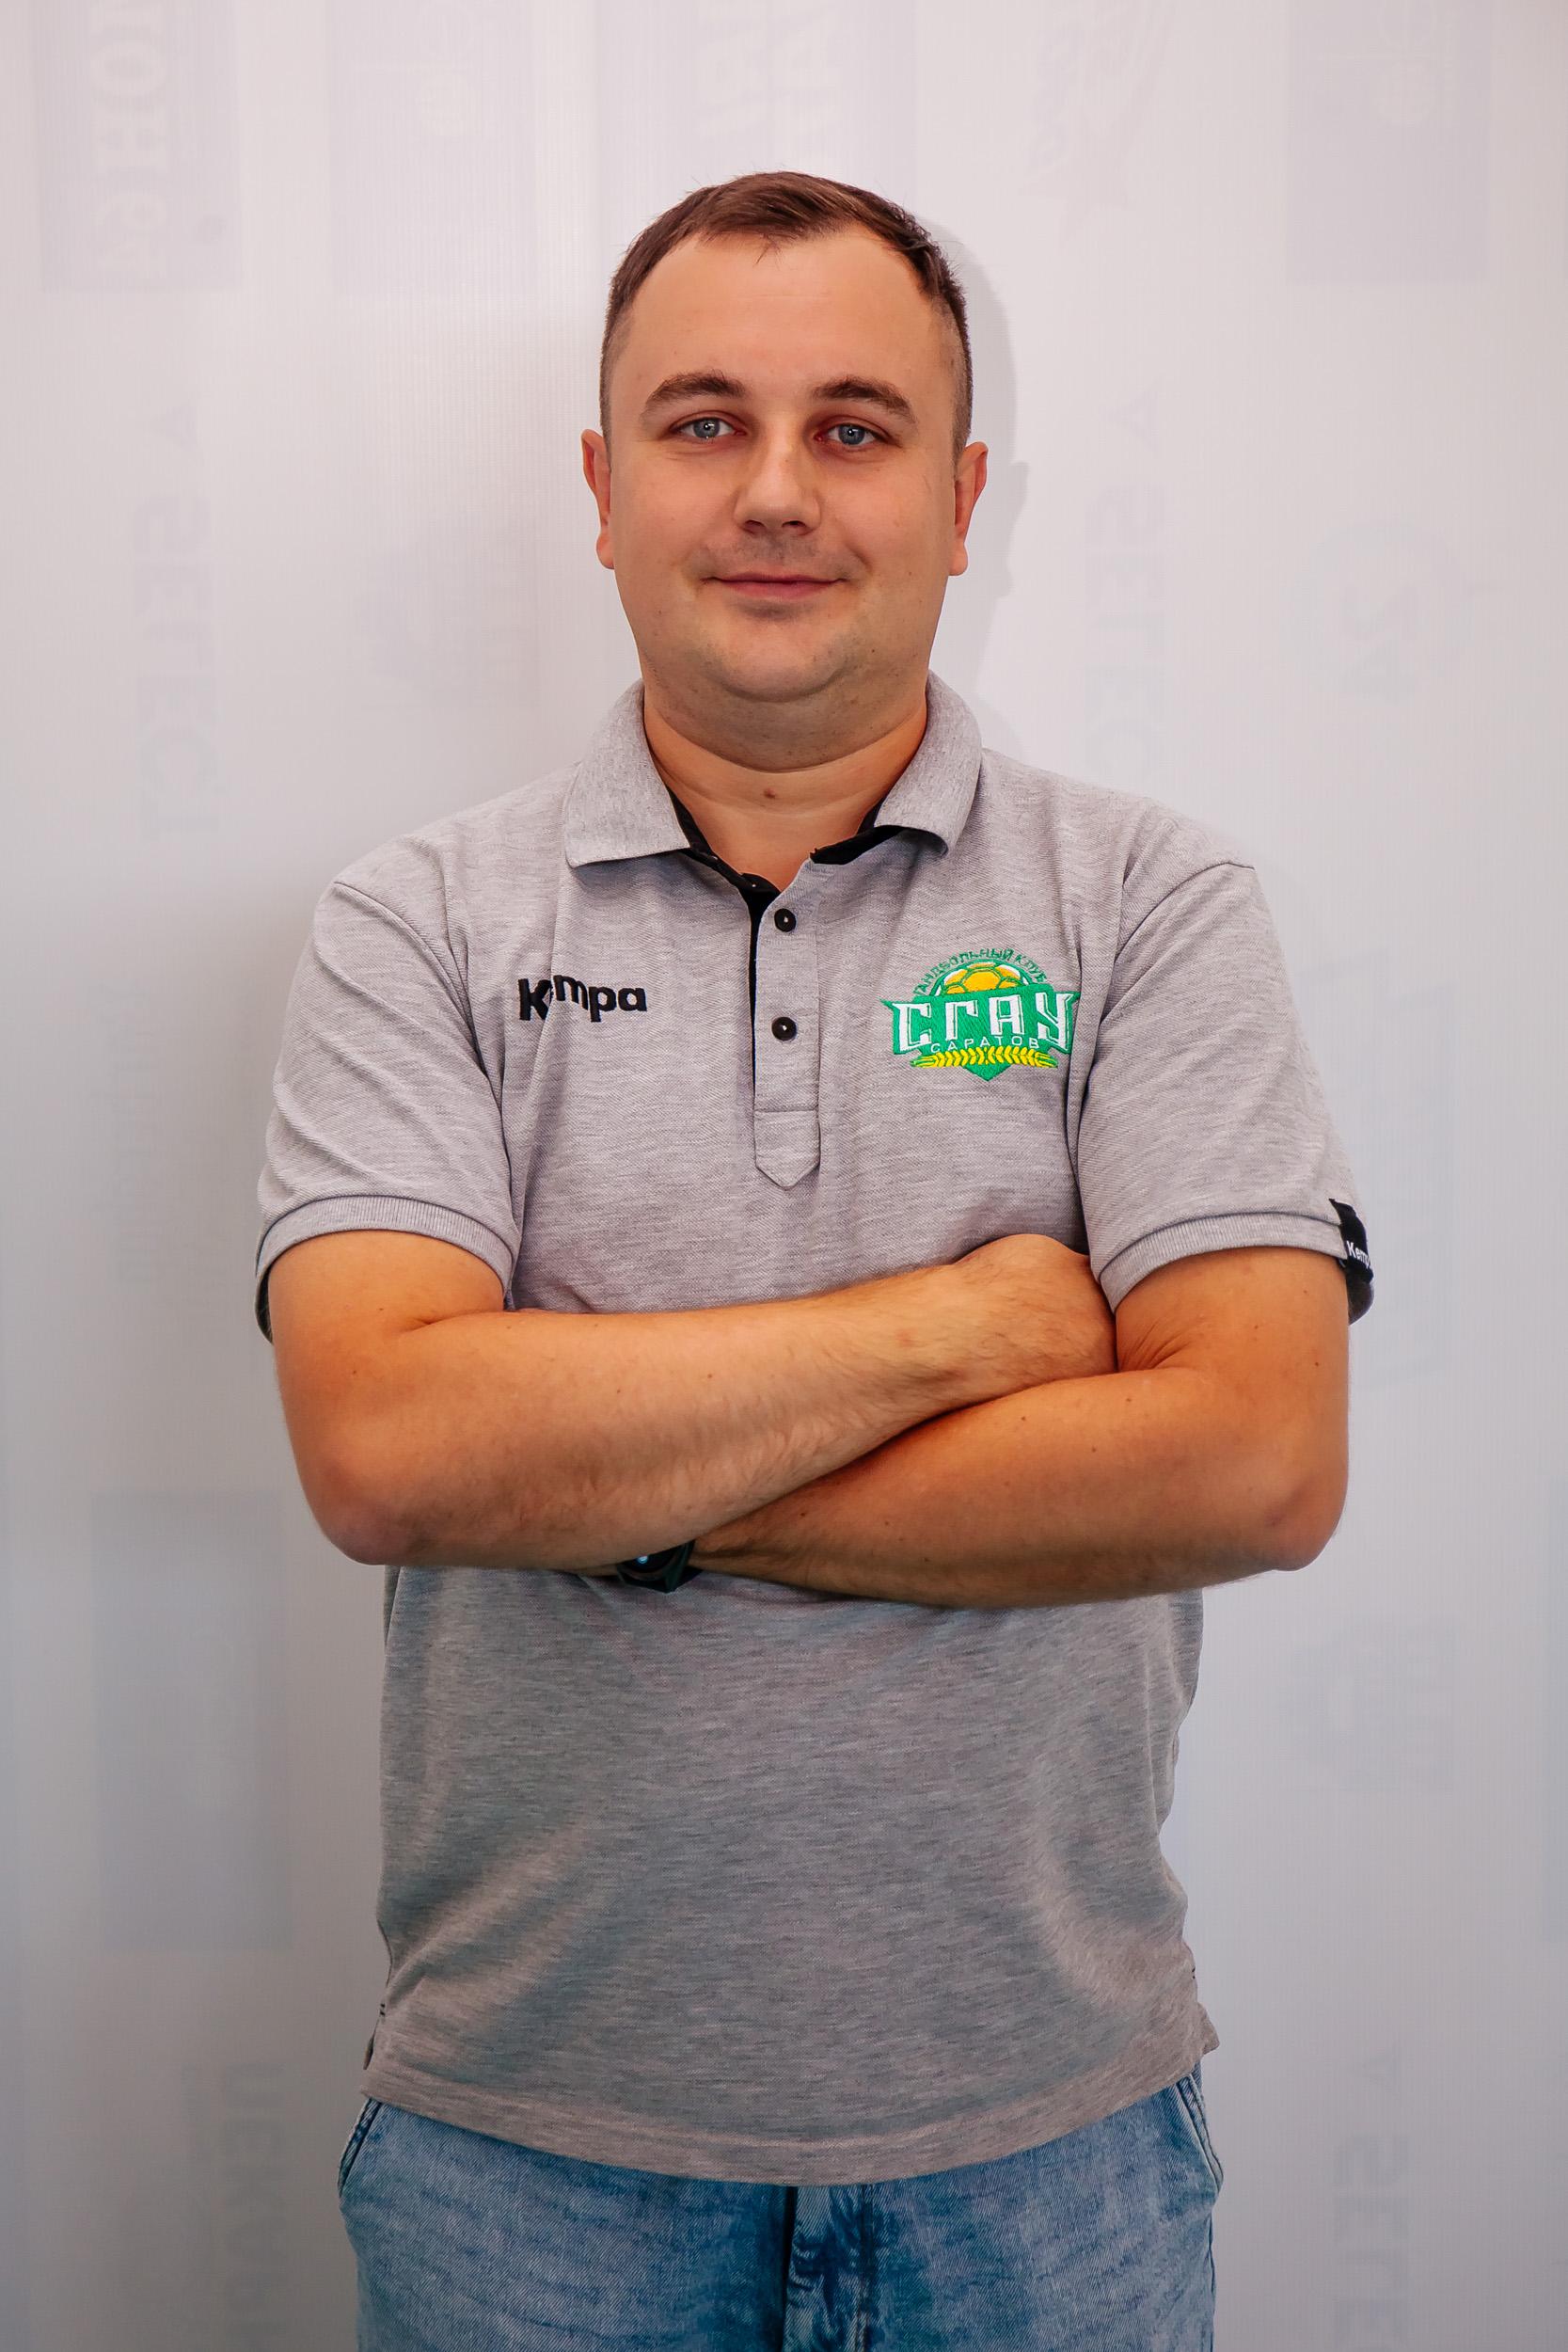 Ленев Вячеслав Геннадьевич